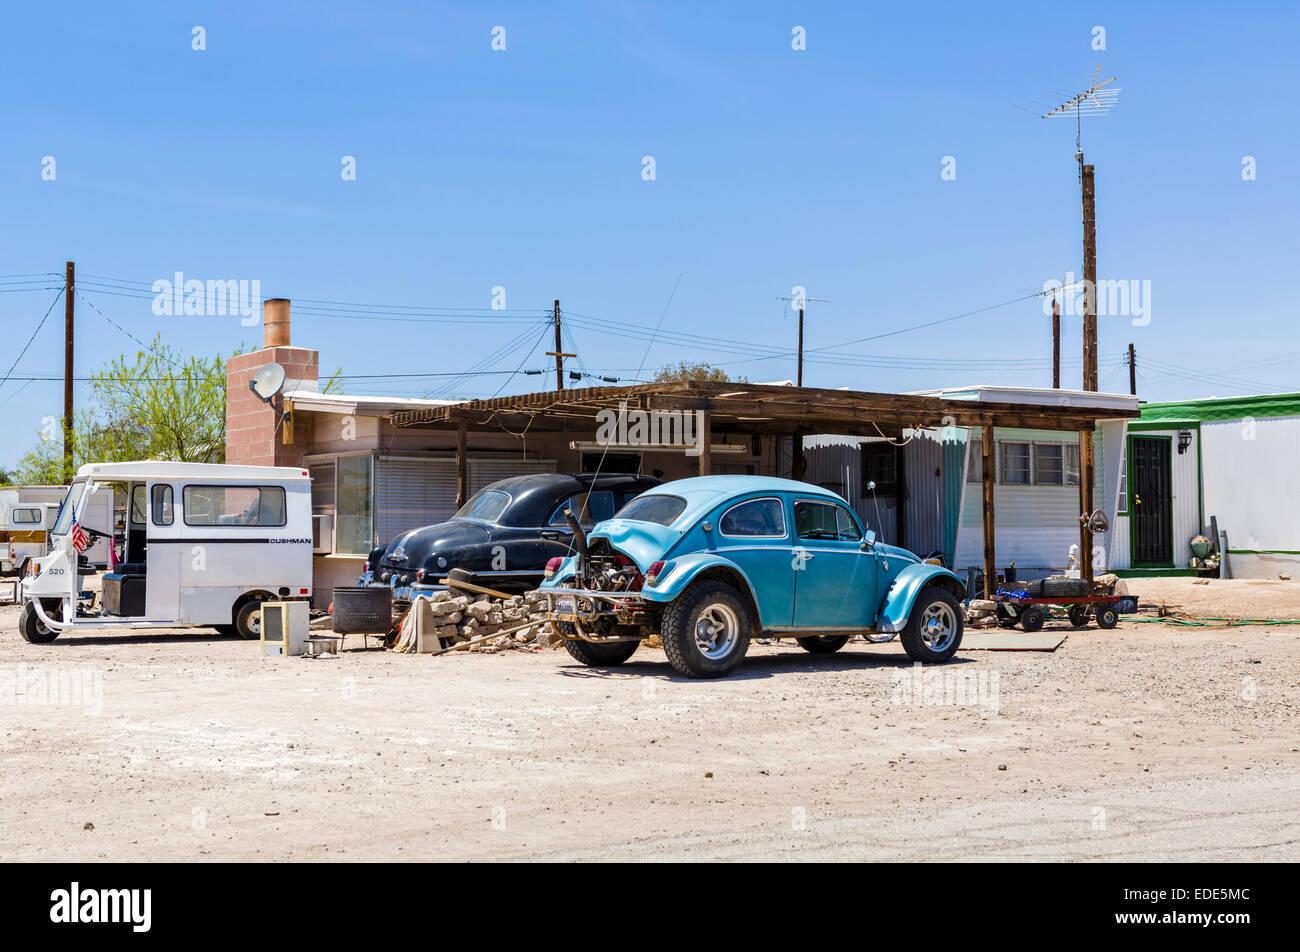 Case mobili a Bombay Beach sul Salton Sea, Imperial County, California, Stati Uniti d'America Immagini Stock